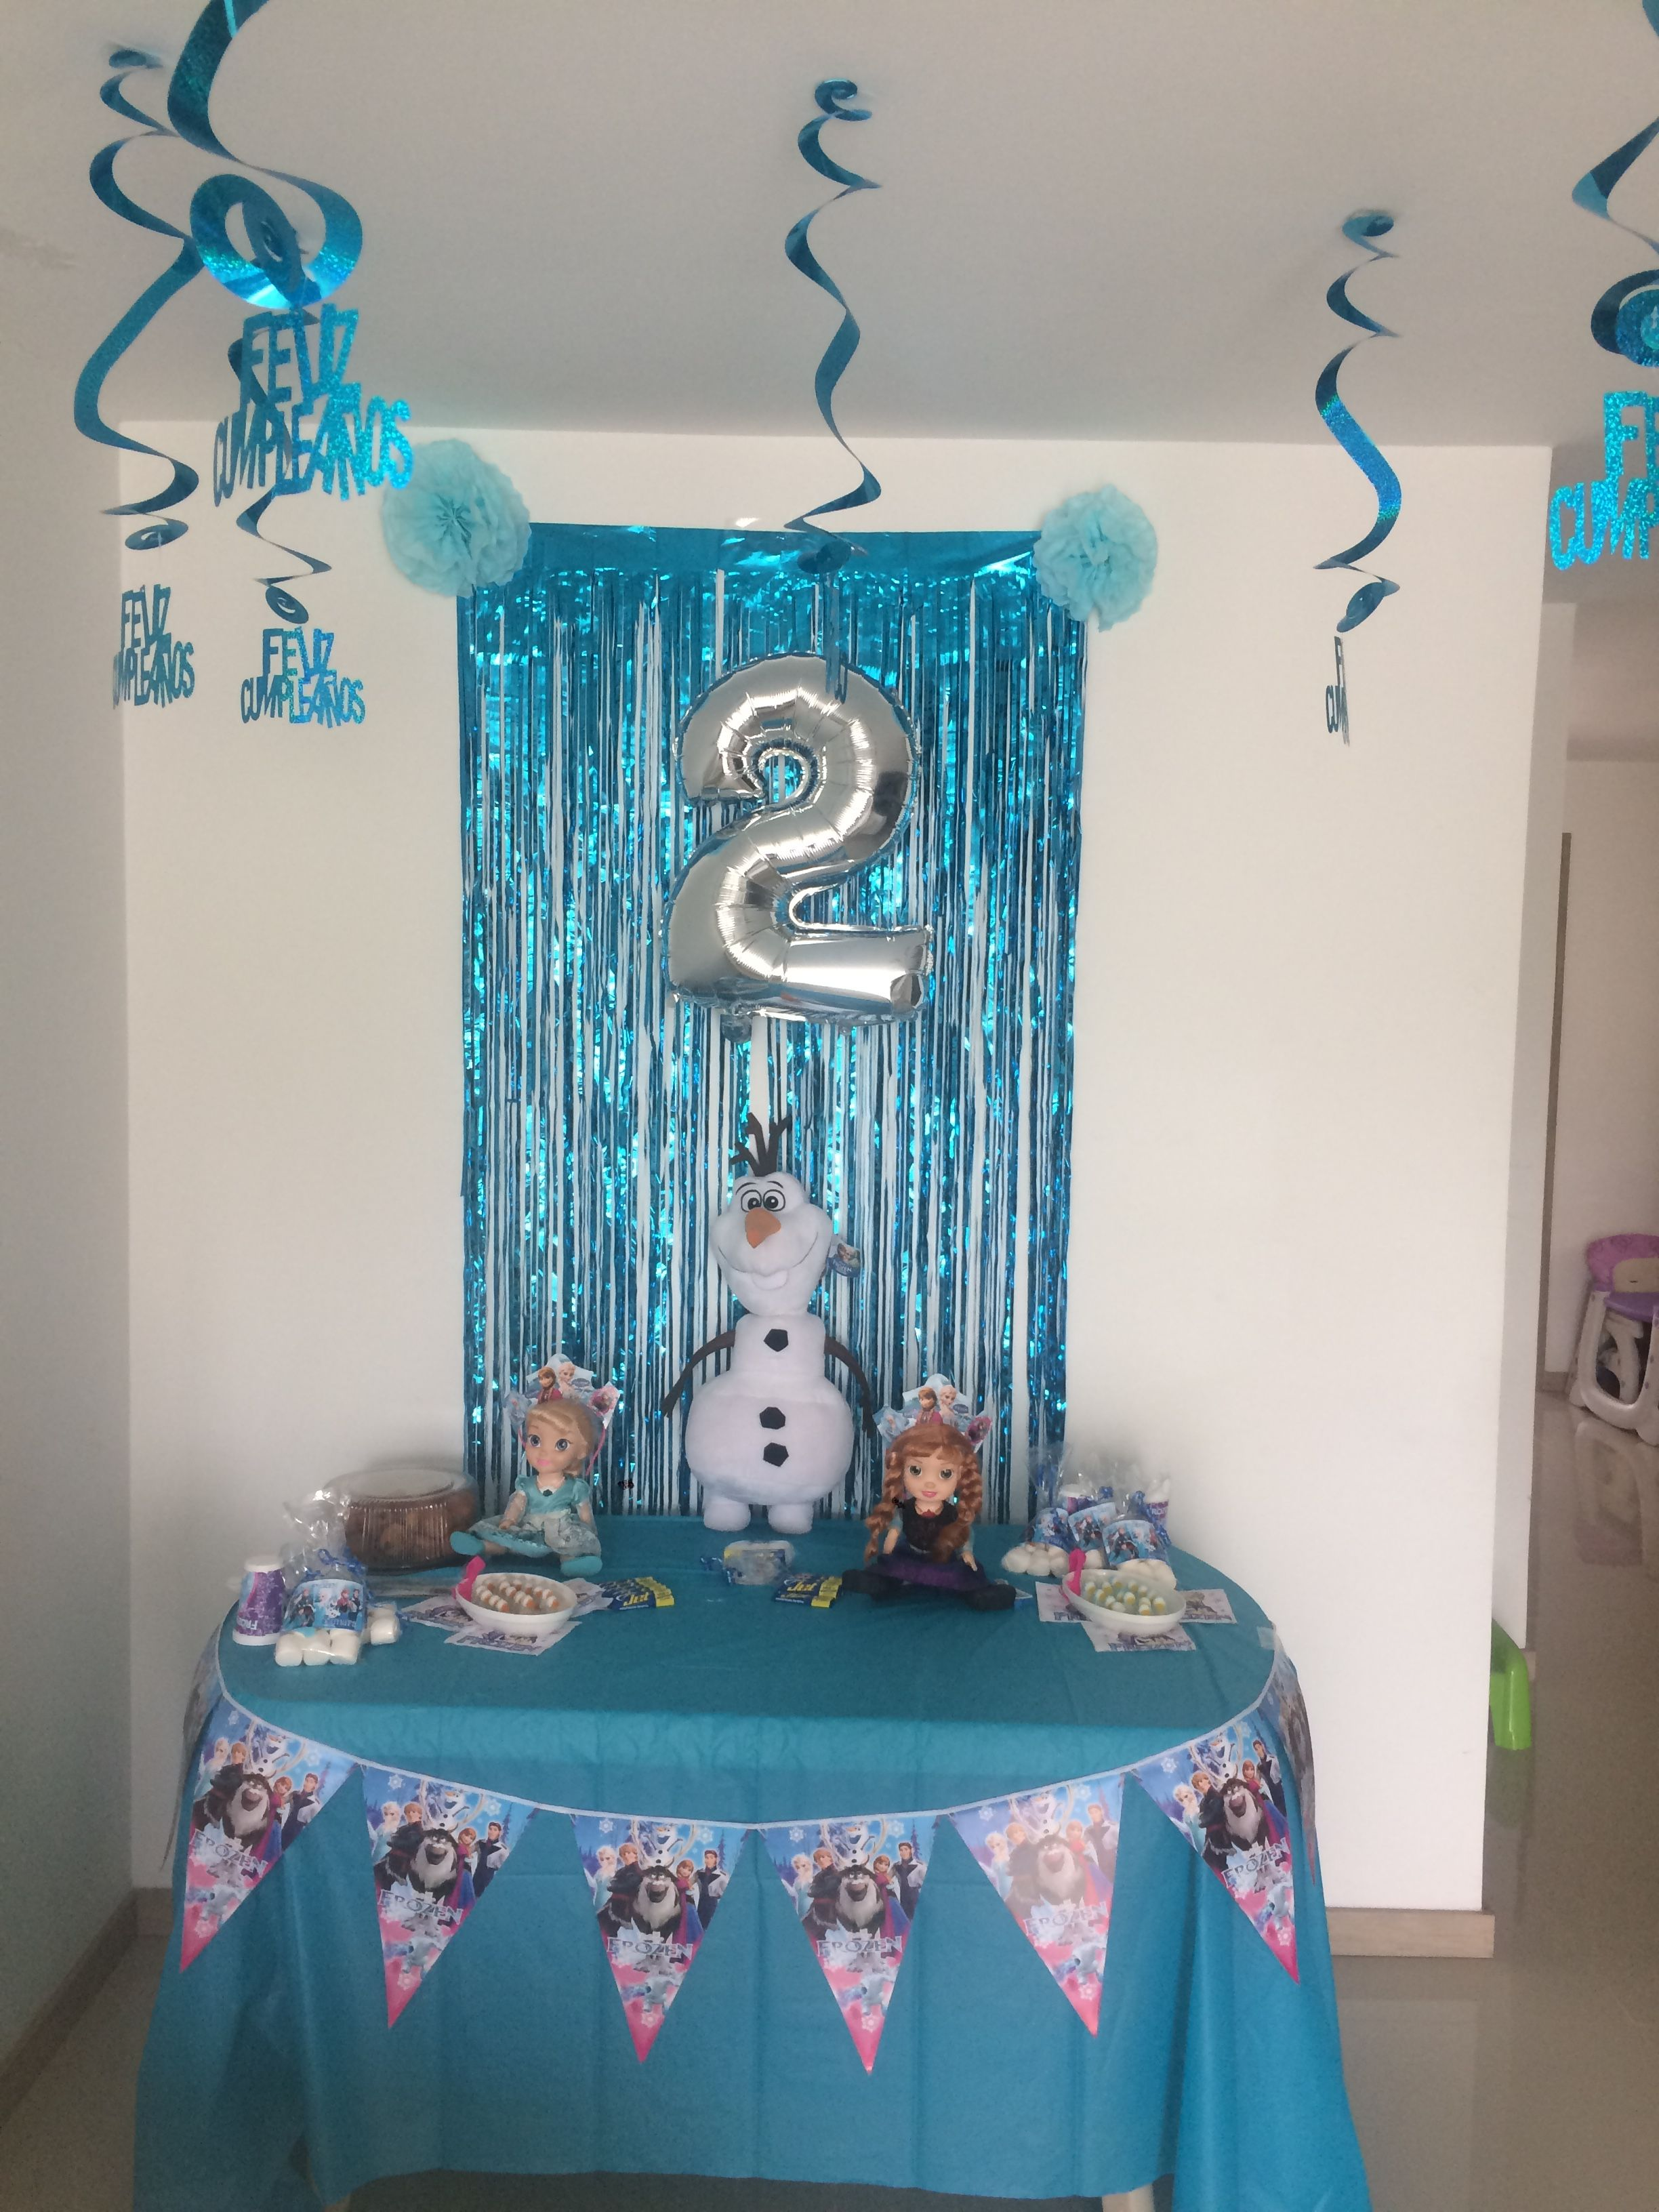 Decoraci n sencilla pero linda de frozer decoraci n fiesta pinterest frozen birthday - Ideas sencillas para decorar ...